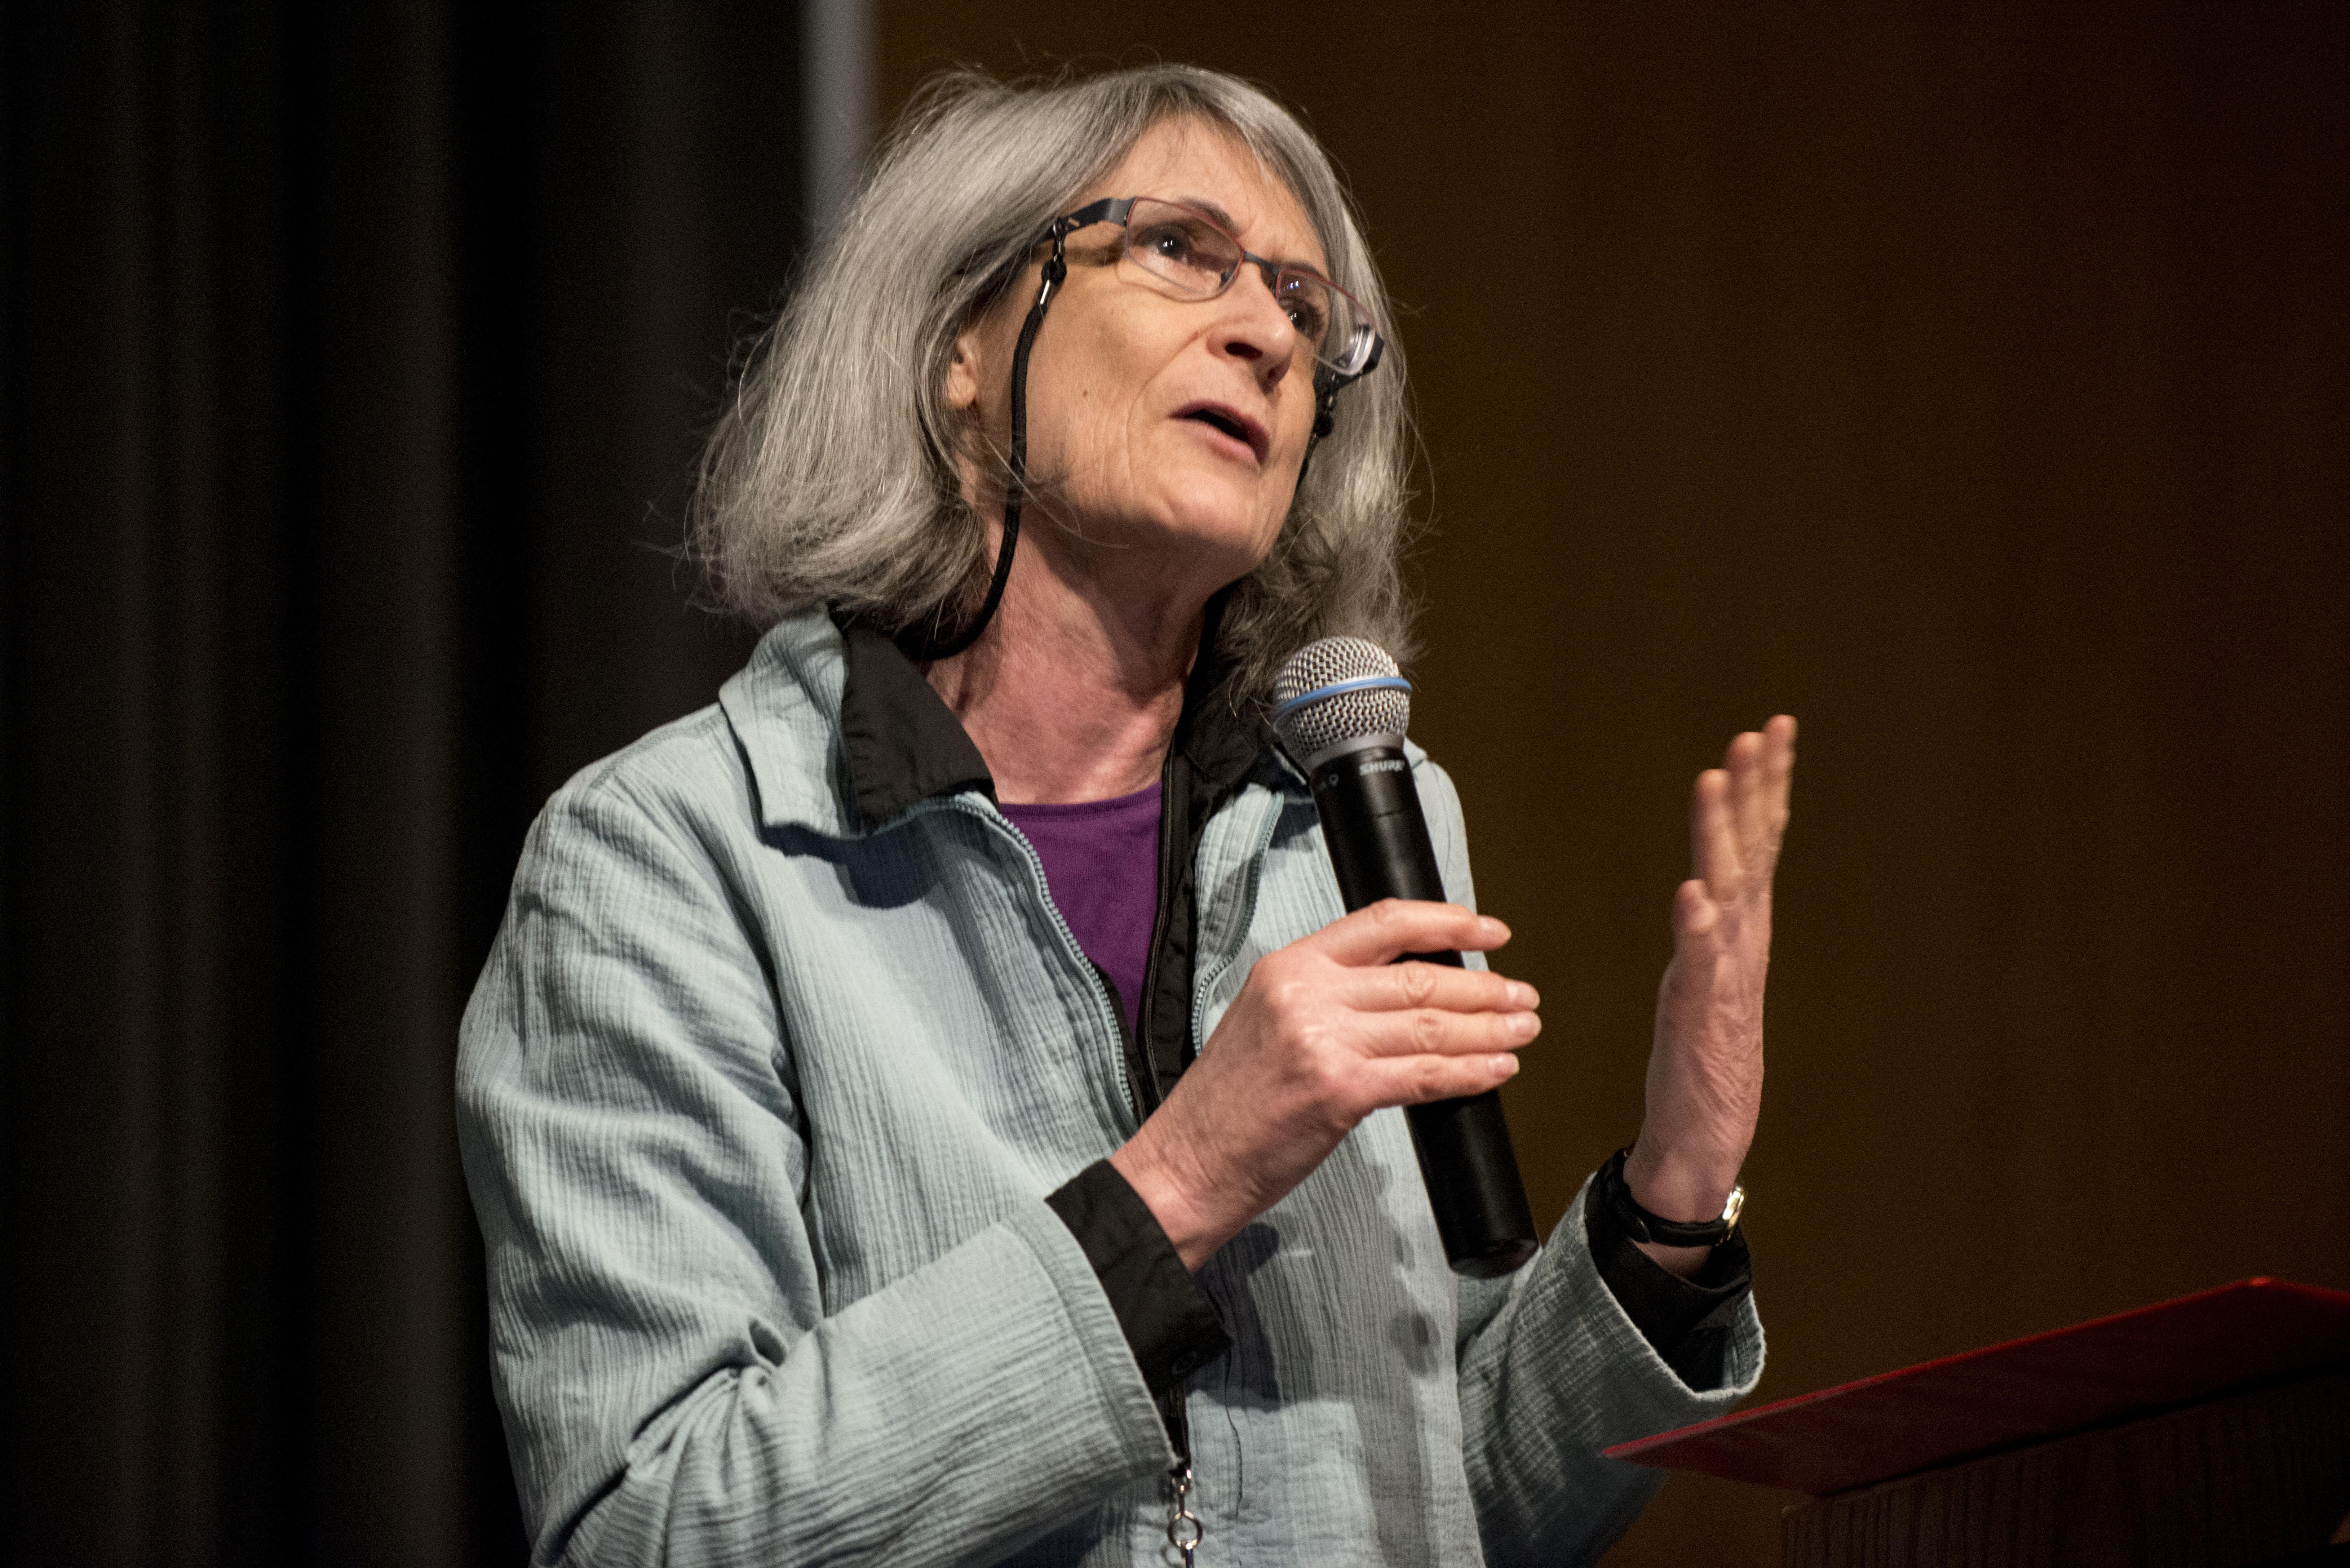 Jane Singer, professor at City University London, speaks at the 2014 ISOJ on the UT-Austin campus. (Lauren Schneider/Knight Center)